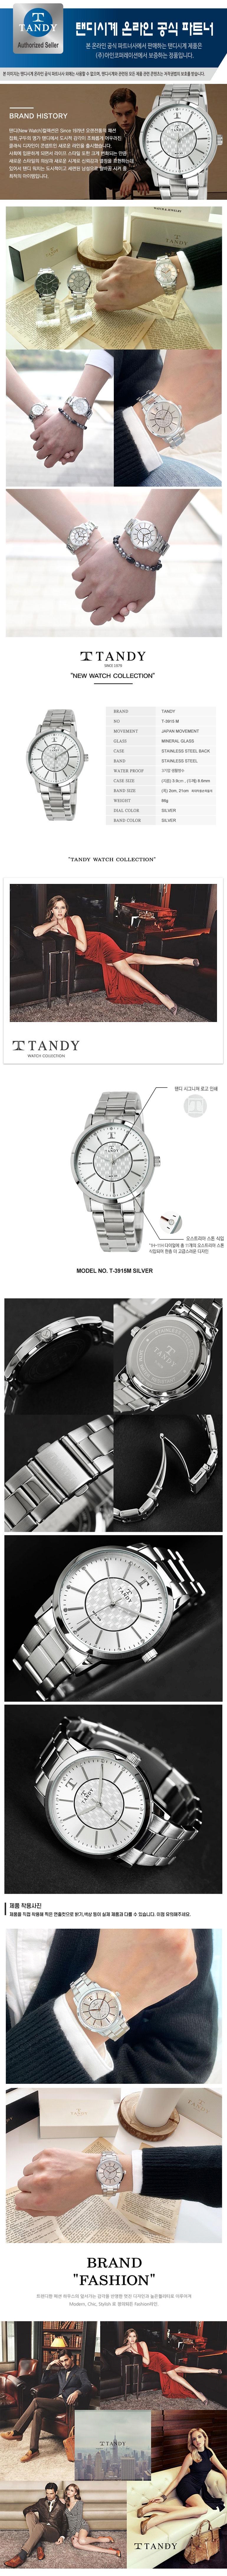 탠디(TANDY) [TANDY] 탠디 시그니쳐 럭셔리 메탈 (스와로브스키 식입) T-3915 실버 남자손목시계